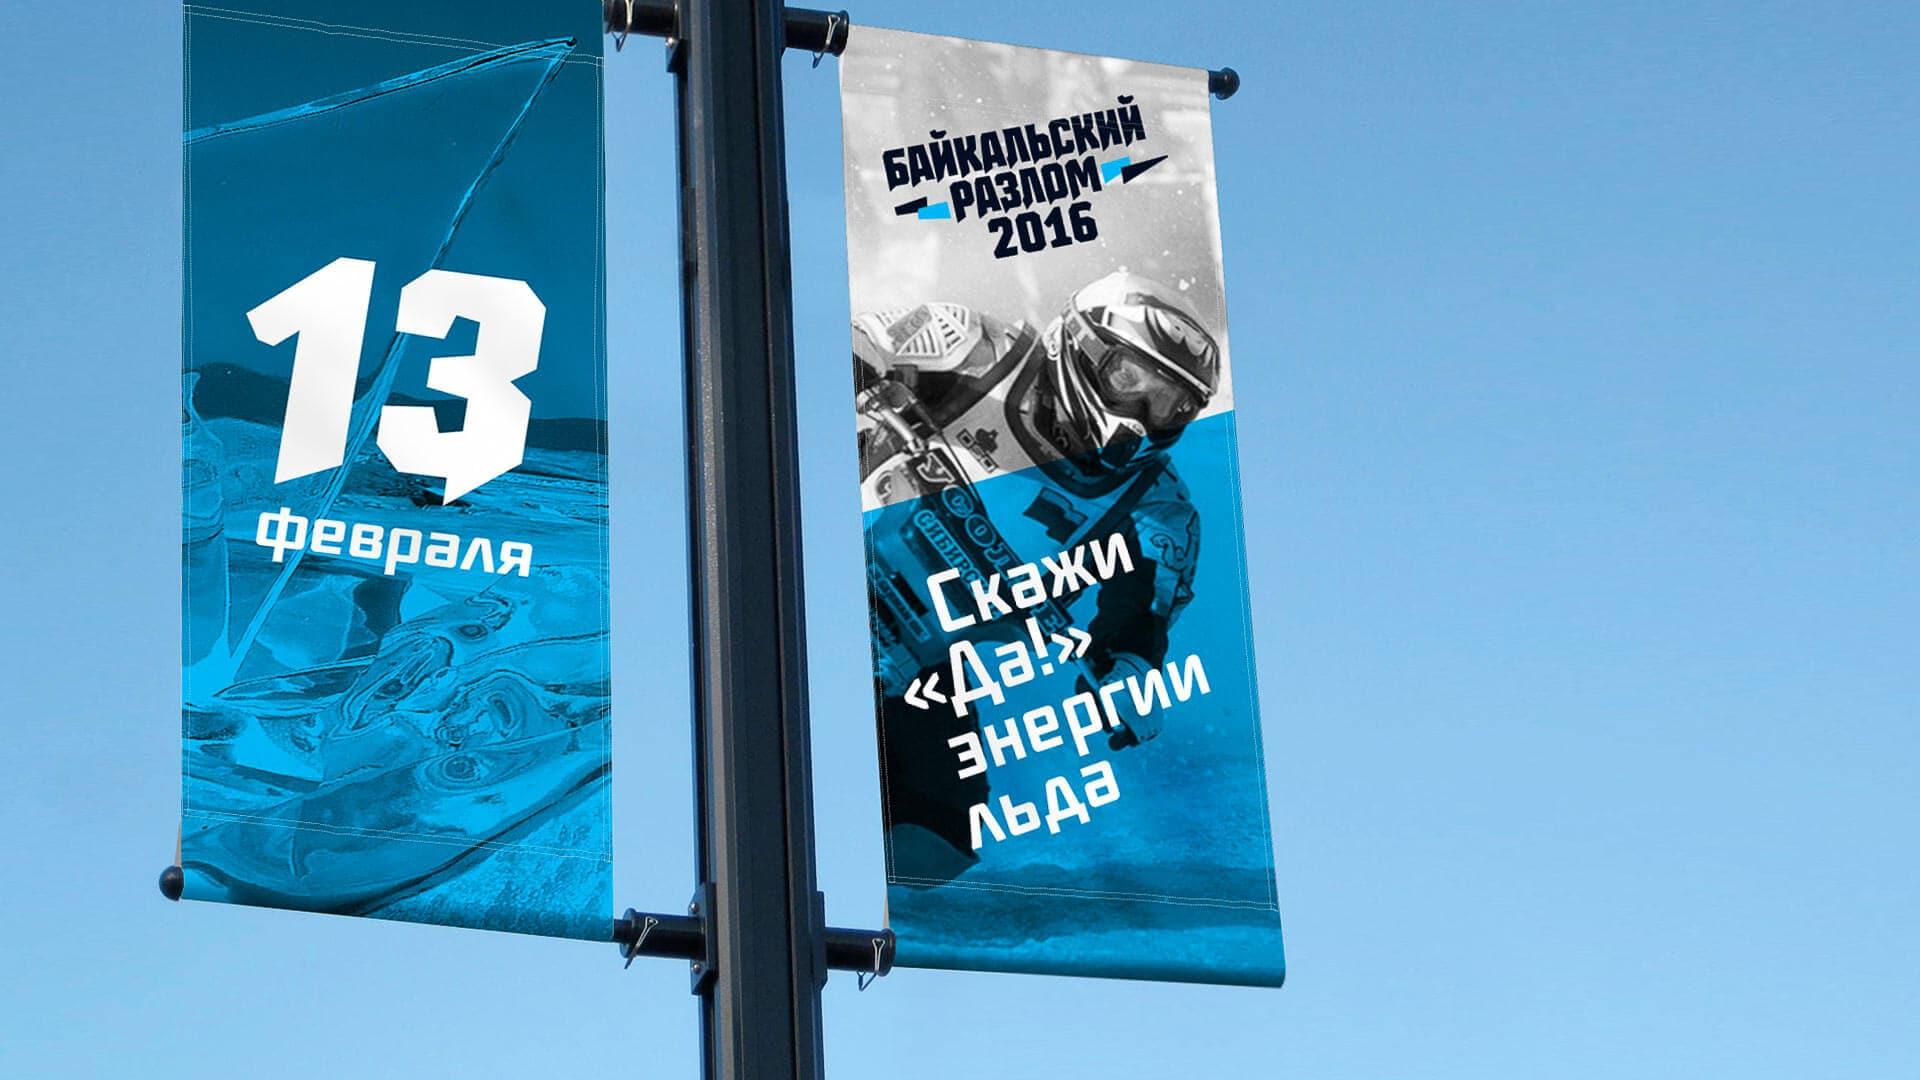 Фестиваль экстремальных видов спорта на льду Байкала «Байкальский разлом». Artjuice studio